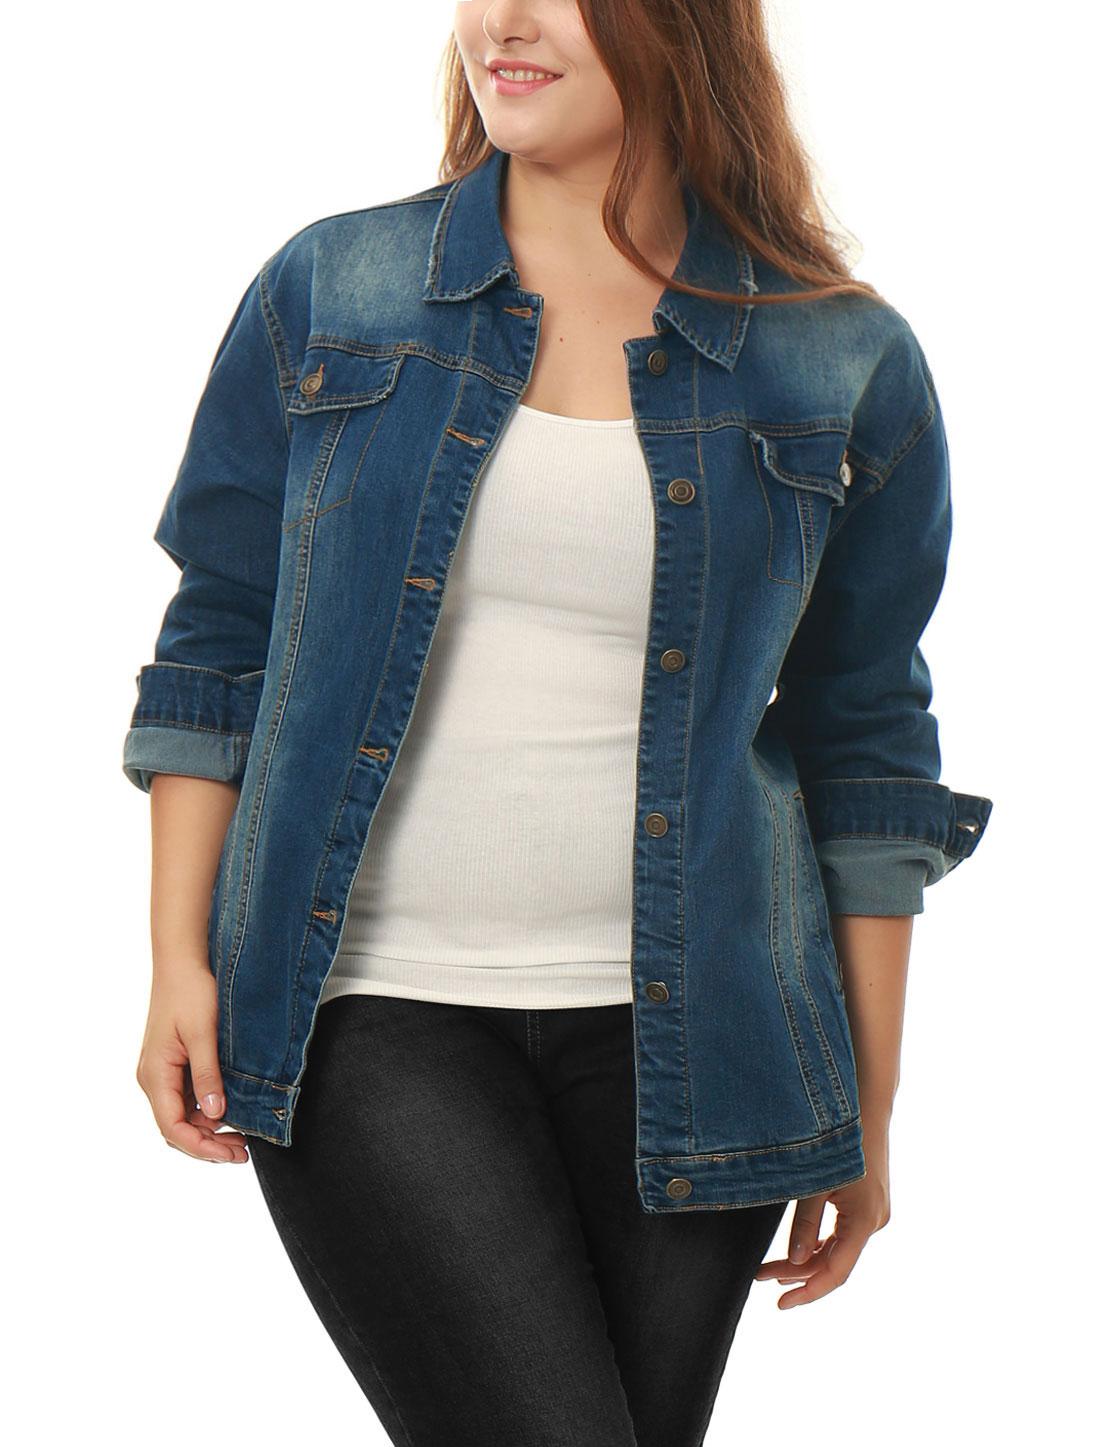 e9ad0b9edd Unique Bargains Women s Plus Size Stitching Button Front Washed Denim Jacket  Blue (Size 2X)